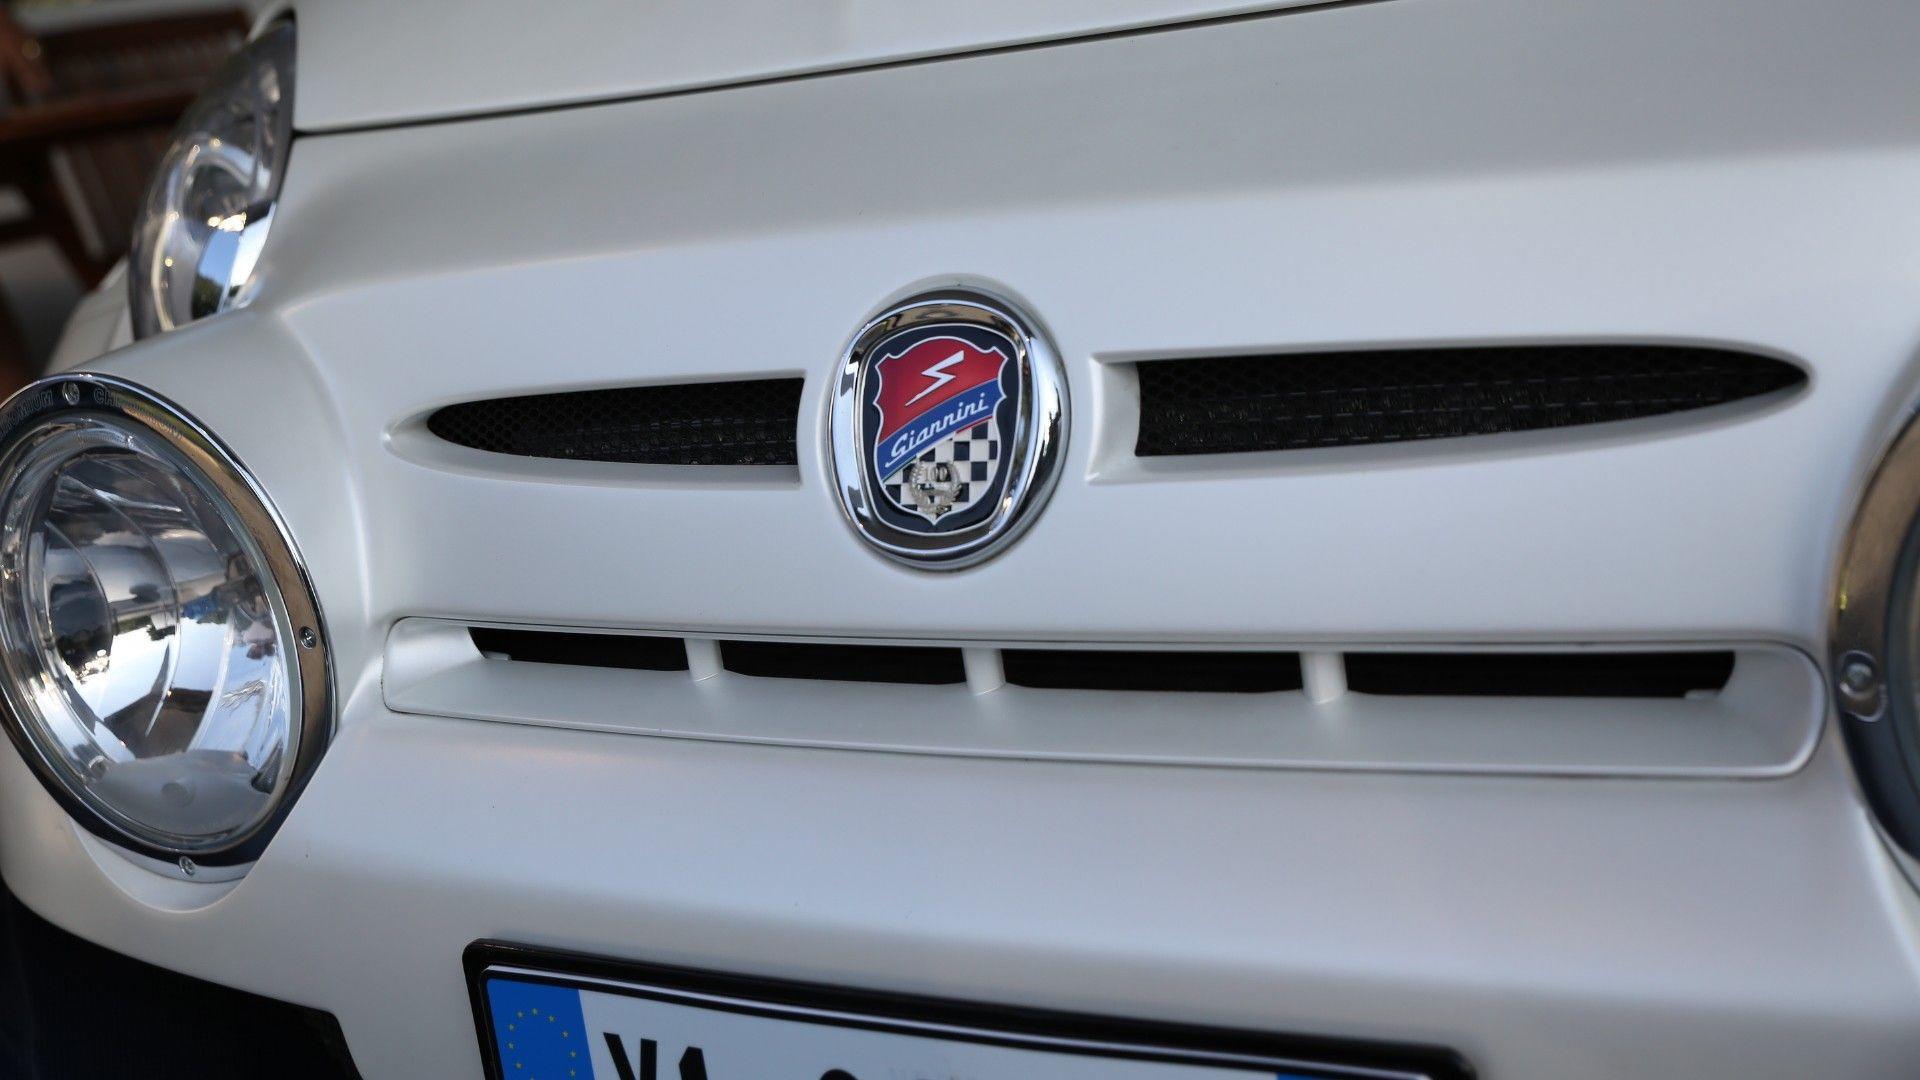 Fiat_500_Giannini_350_GP_Anniversario_09